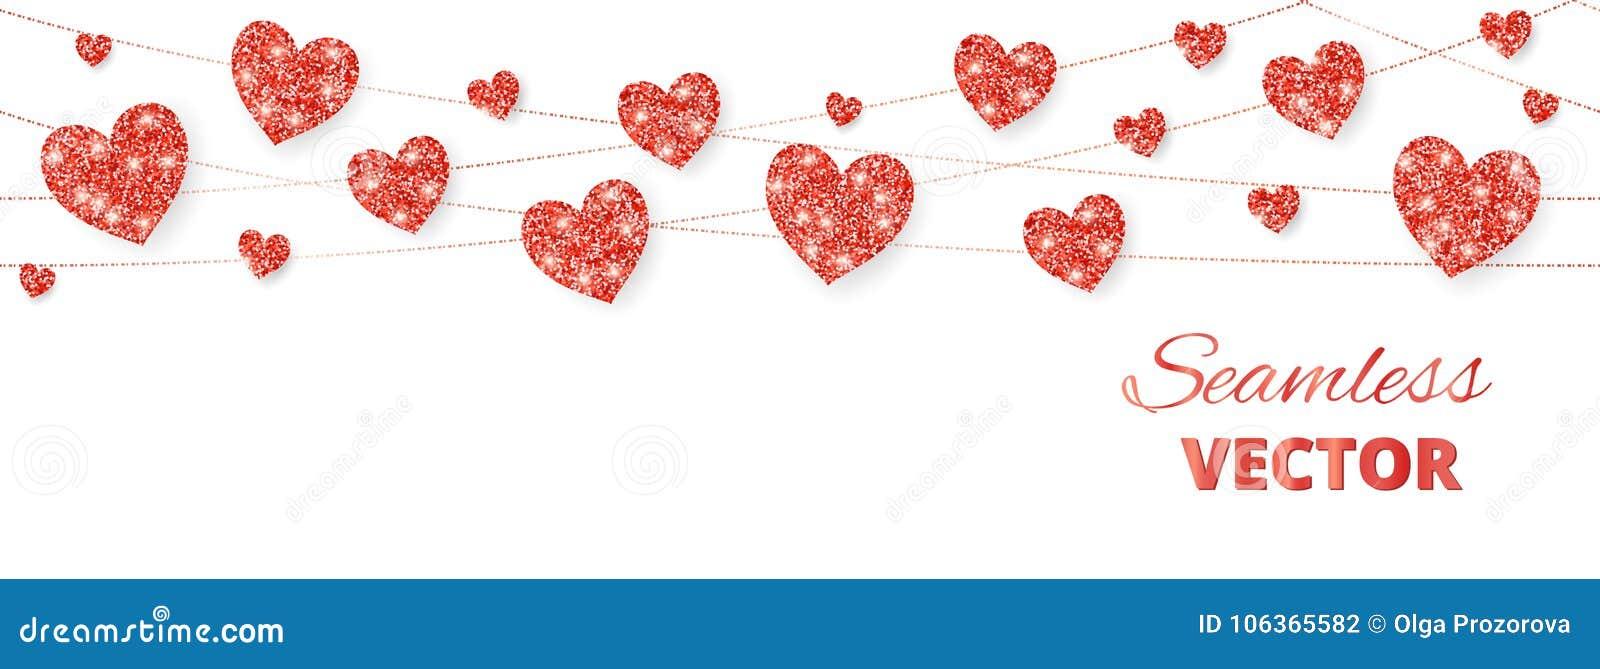 Κόκκινο πλαίσιο καρδιών, άνευ ραφής σύνορα Το διάνυσμα ακτινοβολεί απομονωμένος στο λευκό Για τη διακόσμηση των καρτών βαλεντίνων